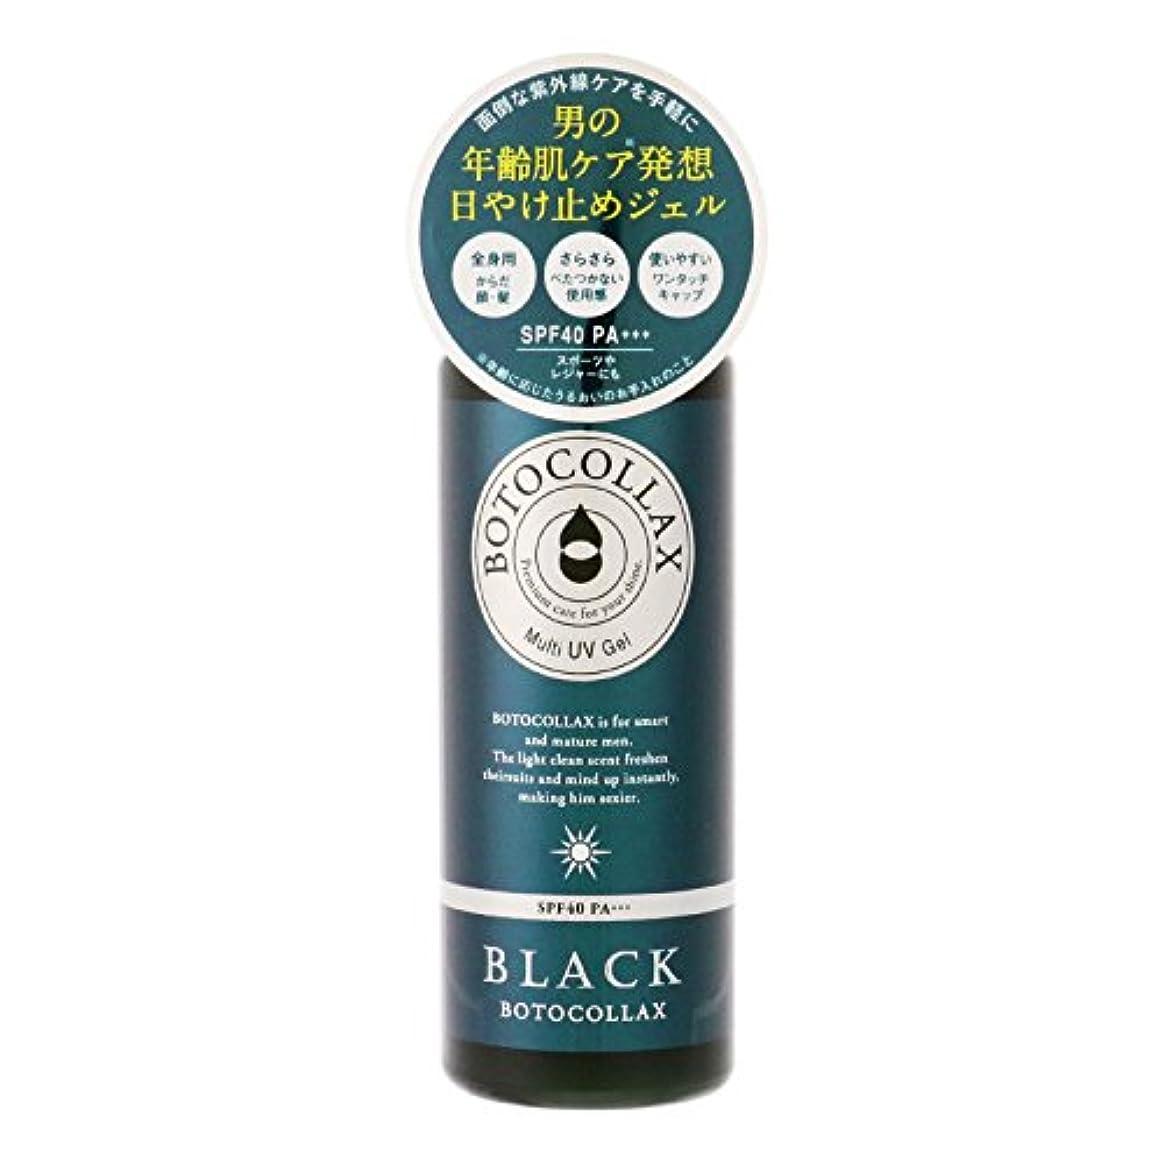 パニックダイエット確認してくださいボトコラックスブラック オーシャン マルチUVジェル ベルガモットグリーンの香り 70g